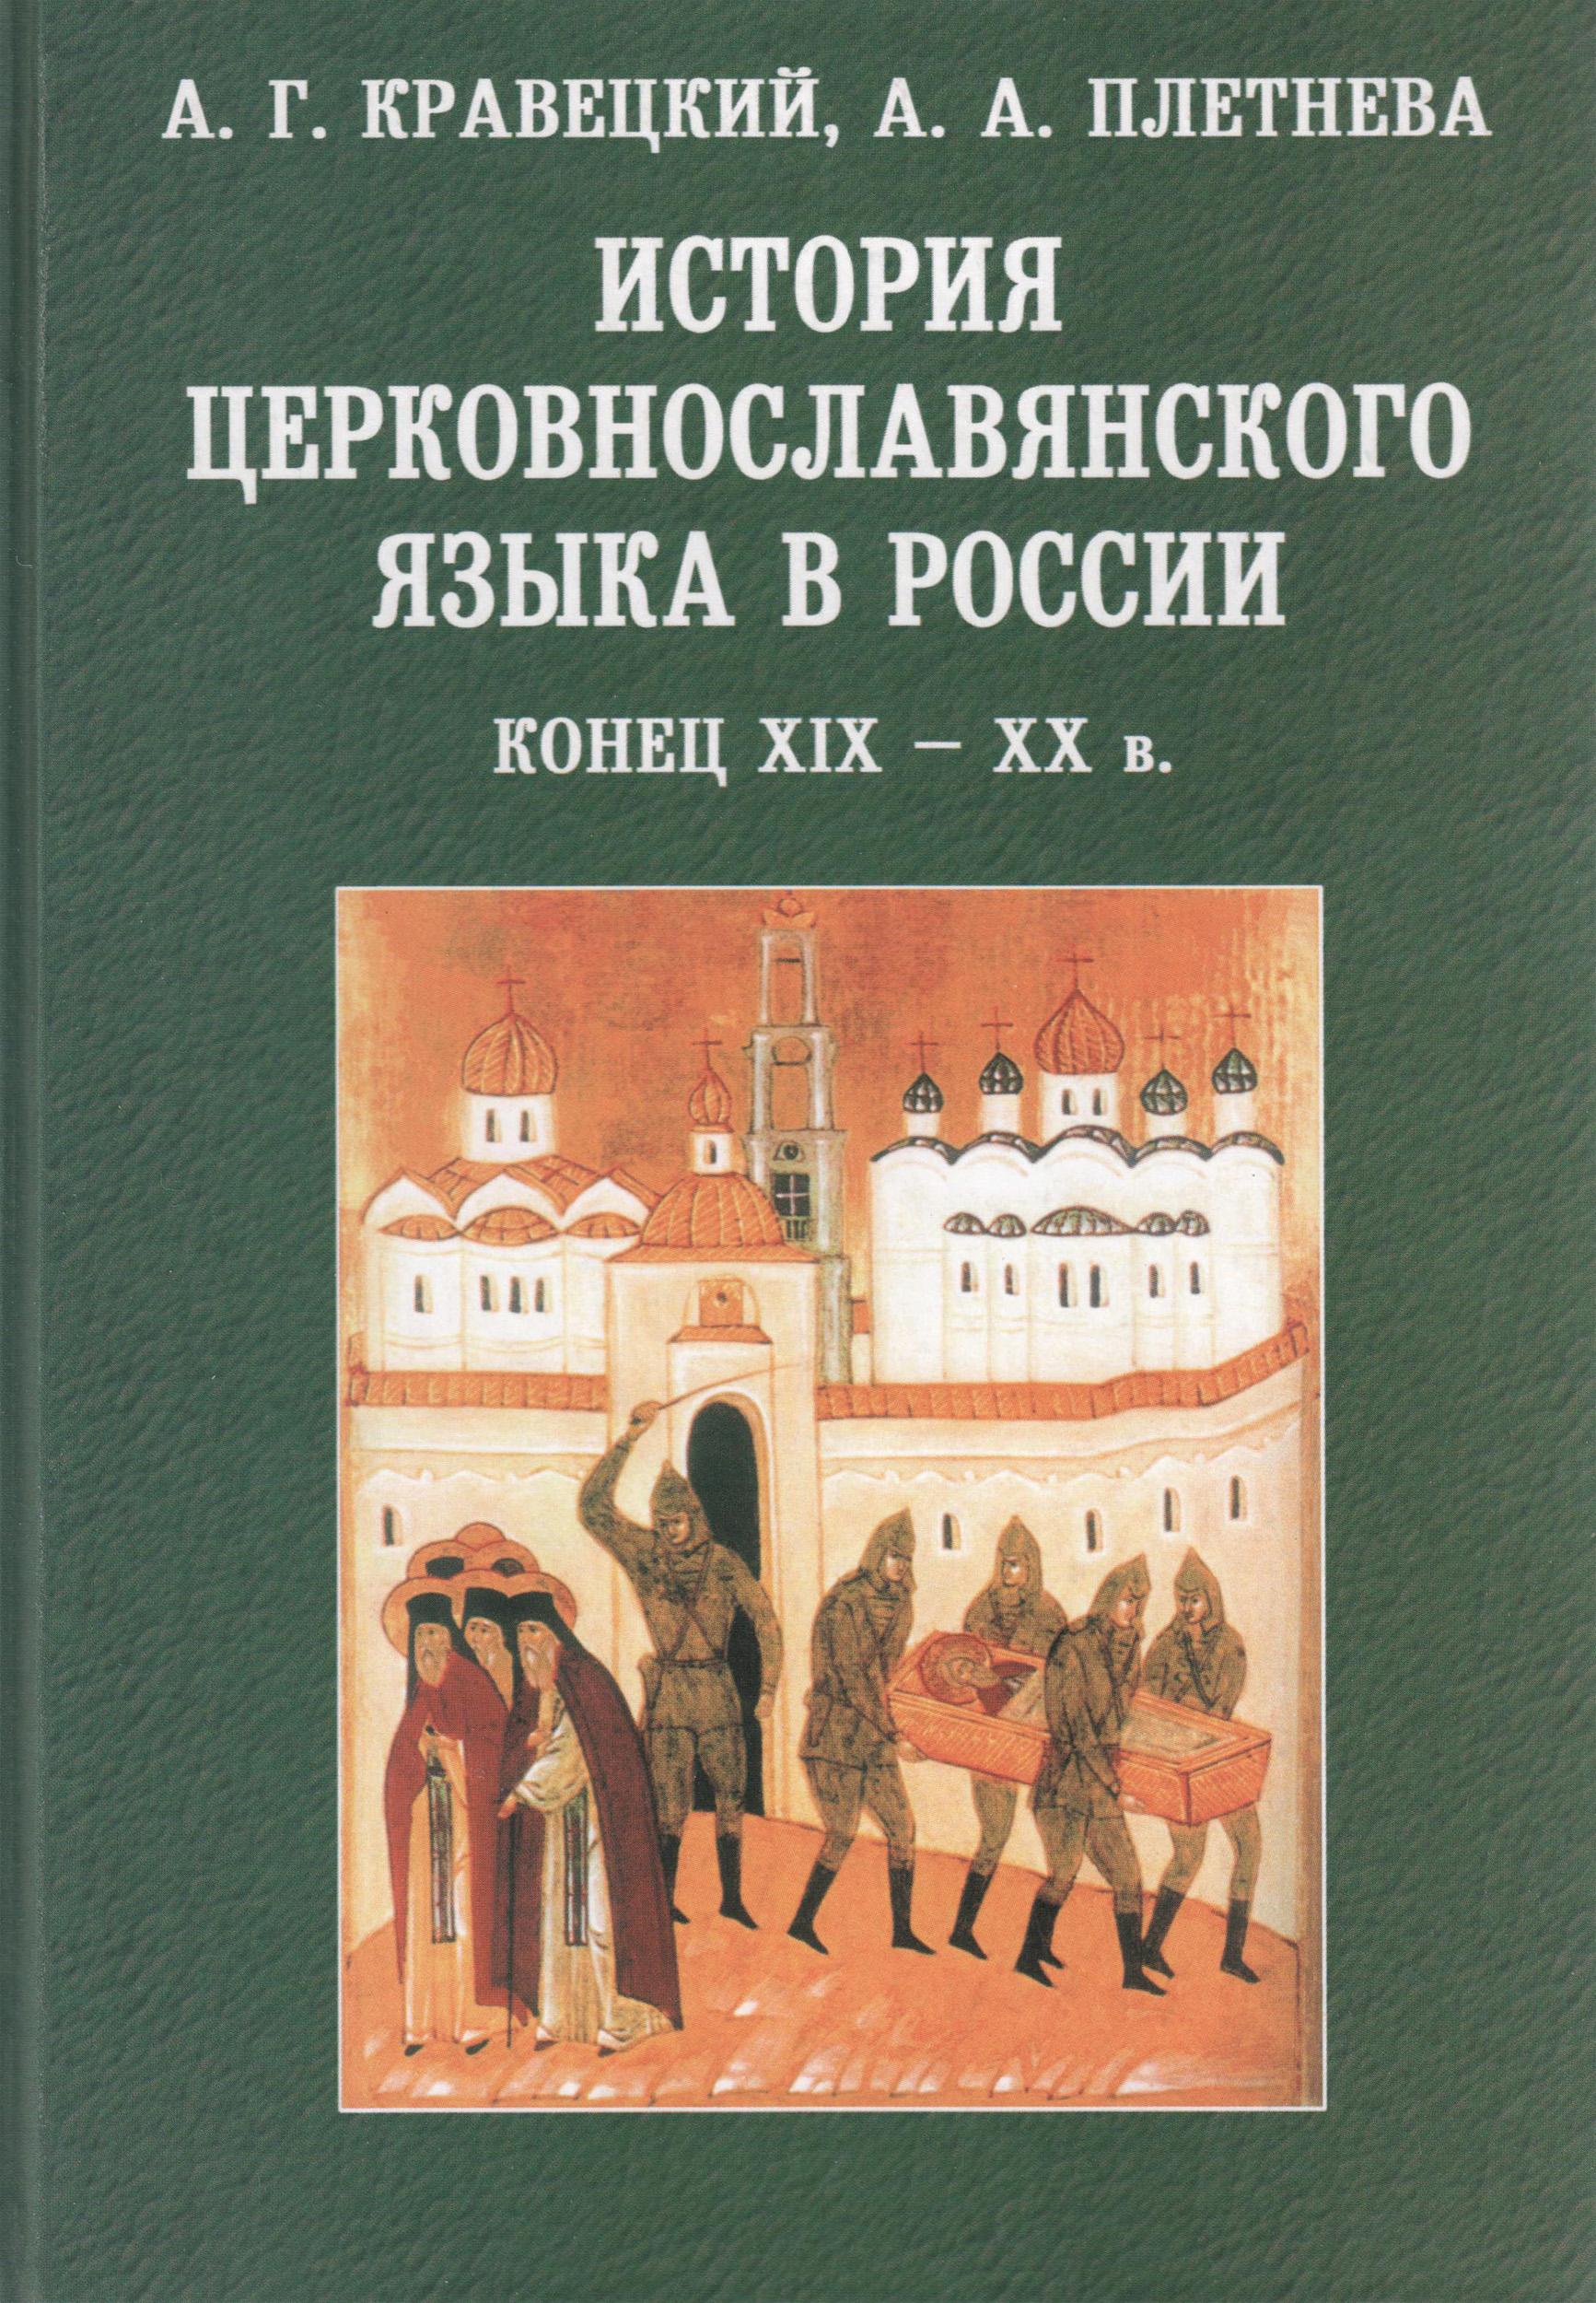 История церковнославянского языка в России. Конец XIX-XX в.